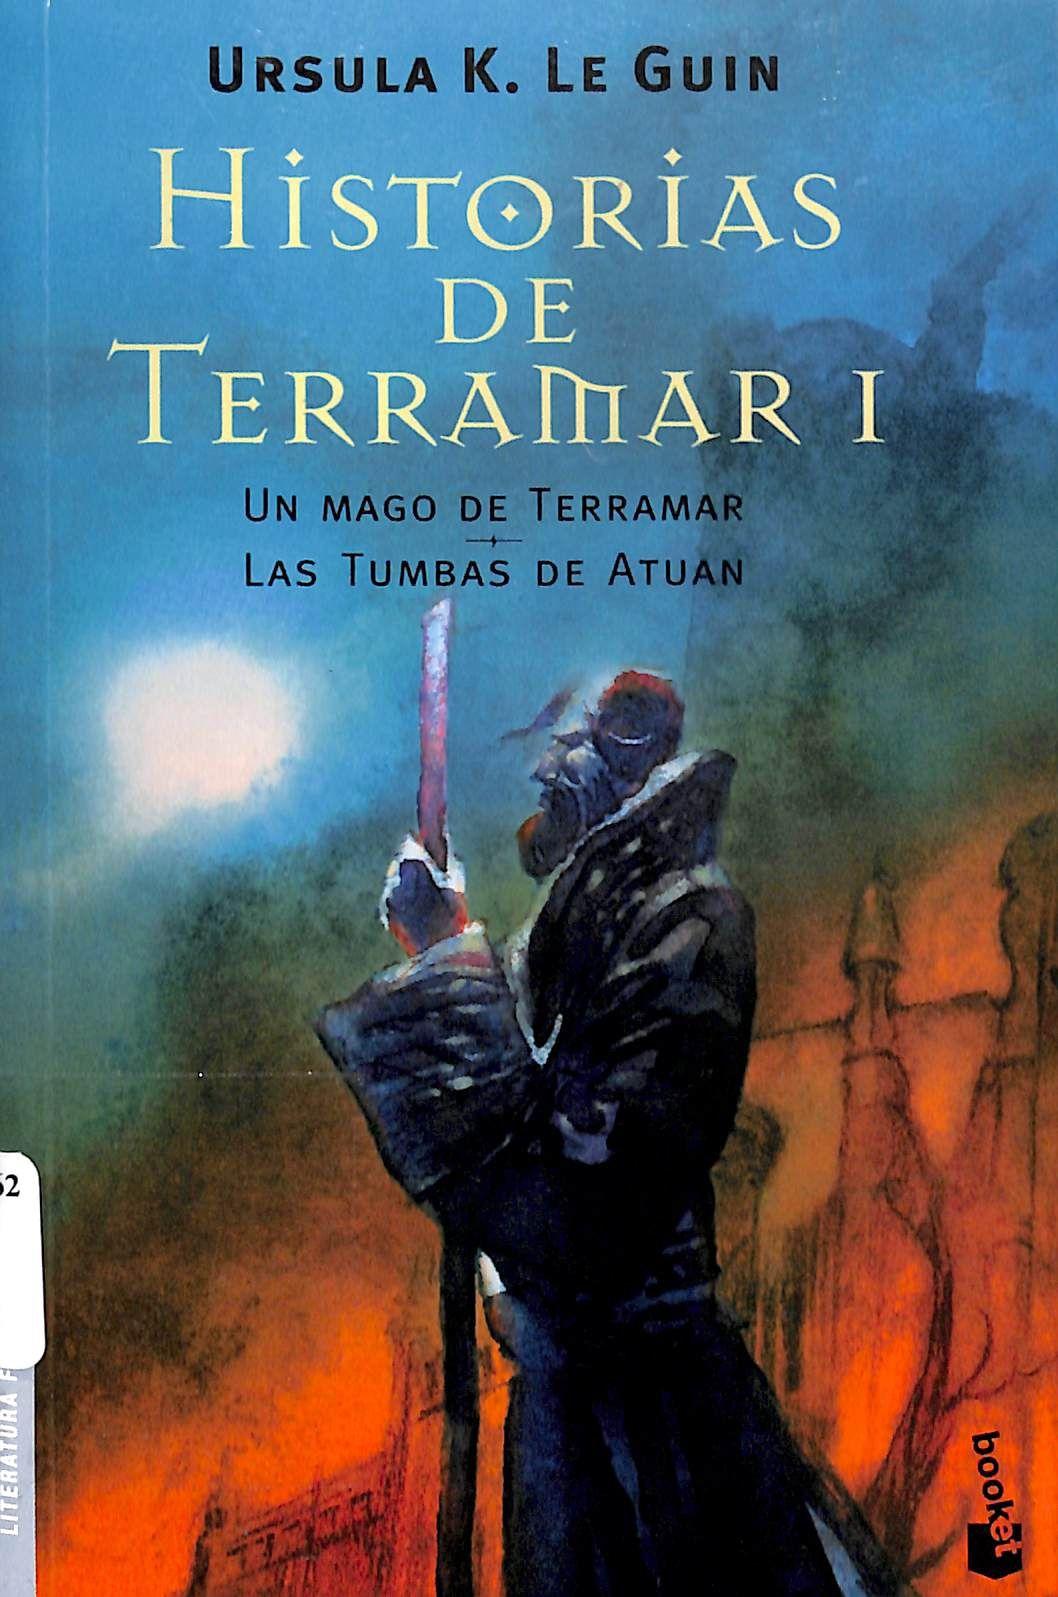 808 83308762 G85 H57 2009 En El Archipiélago De Terramar Hay Dragones Magos Y Espectros Tali Cuentos De Terramar Literatura Fantastica Literatura De Fantasía